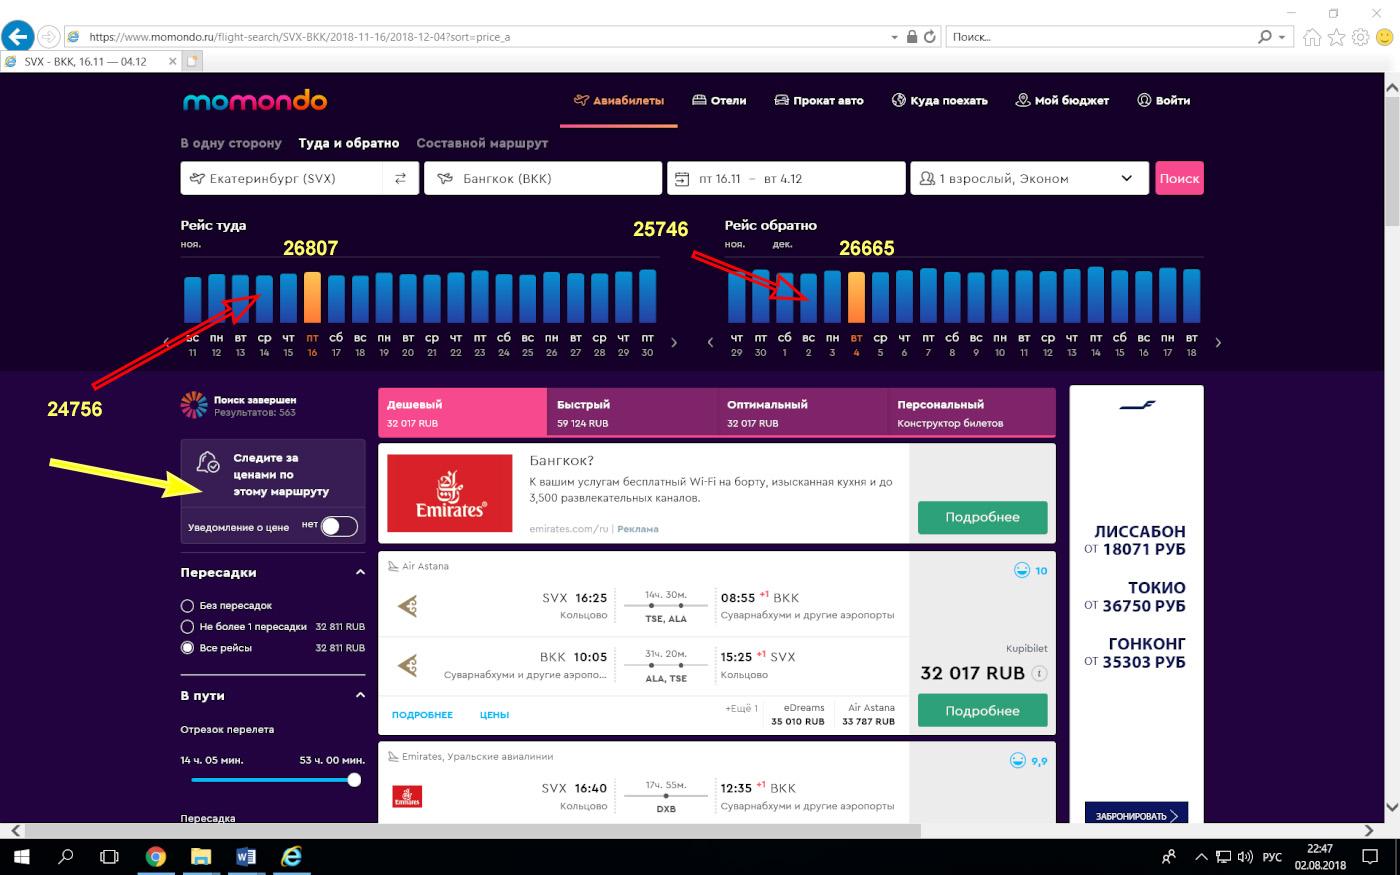 7. Как сэкономить на покупке билетов в Таиланд? Посмотрите на сервисе «Momondo» цены на вылет из соседних городов. Стоимость перелета в Бангкок из Екатеринбурга